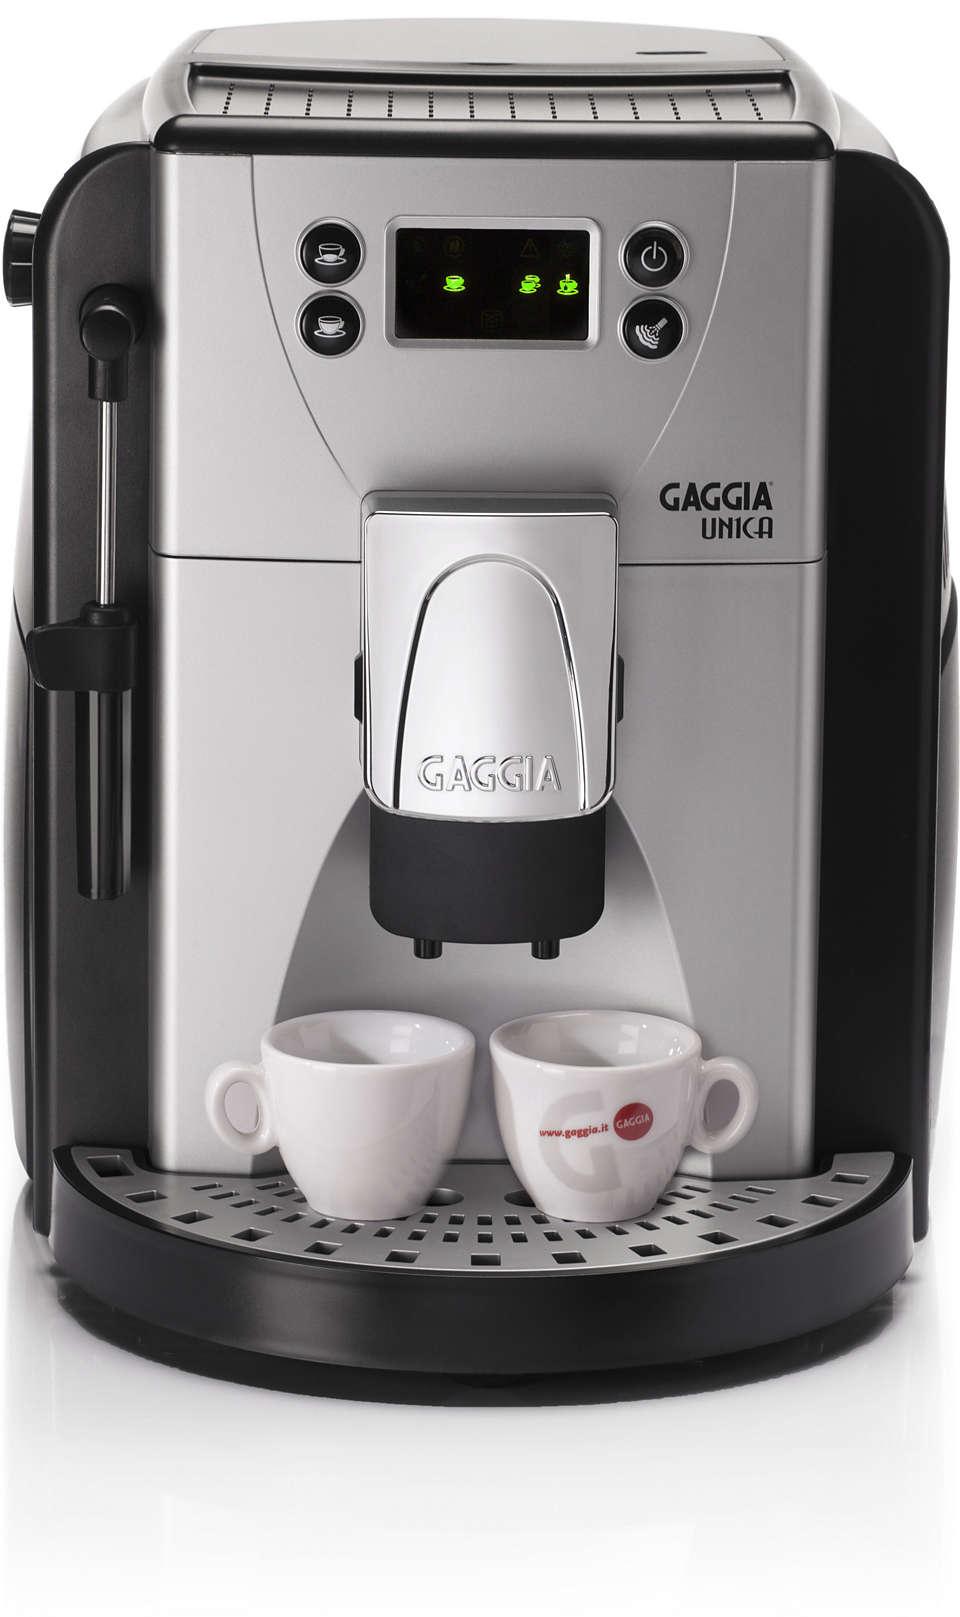 Gaggia UNICA will surprise you!